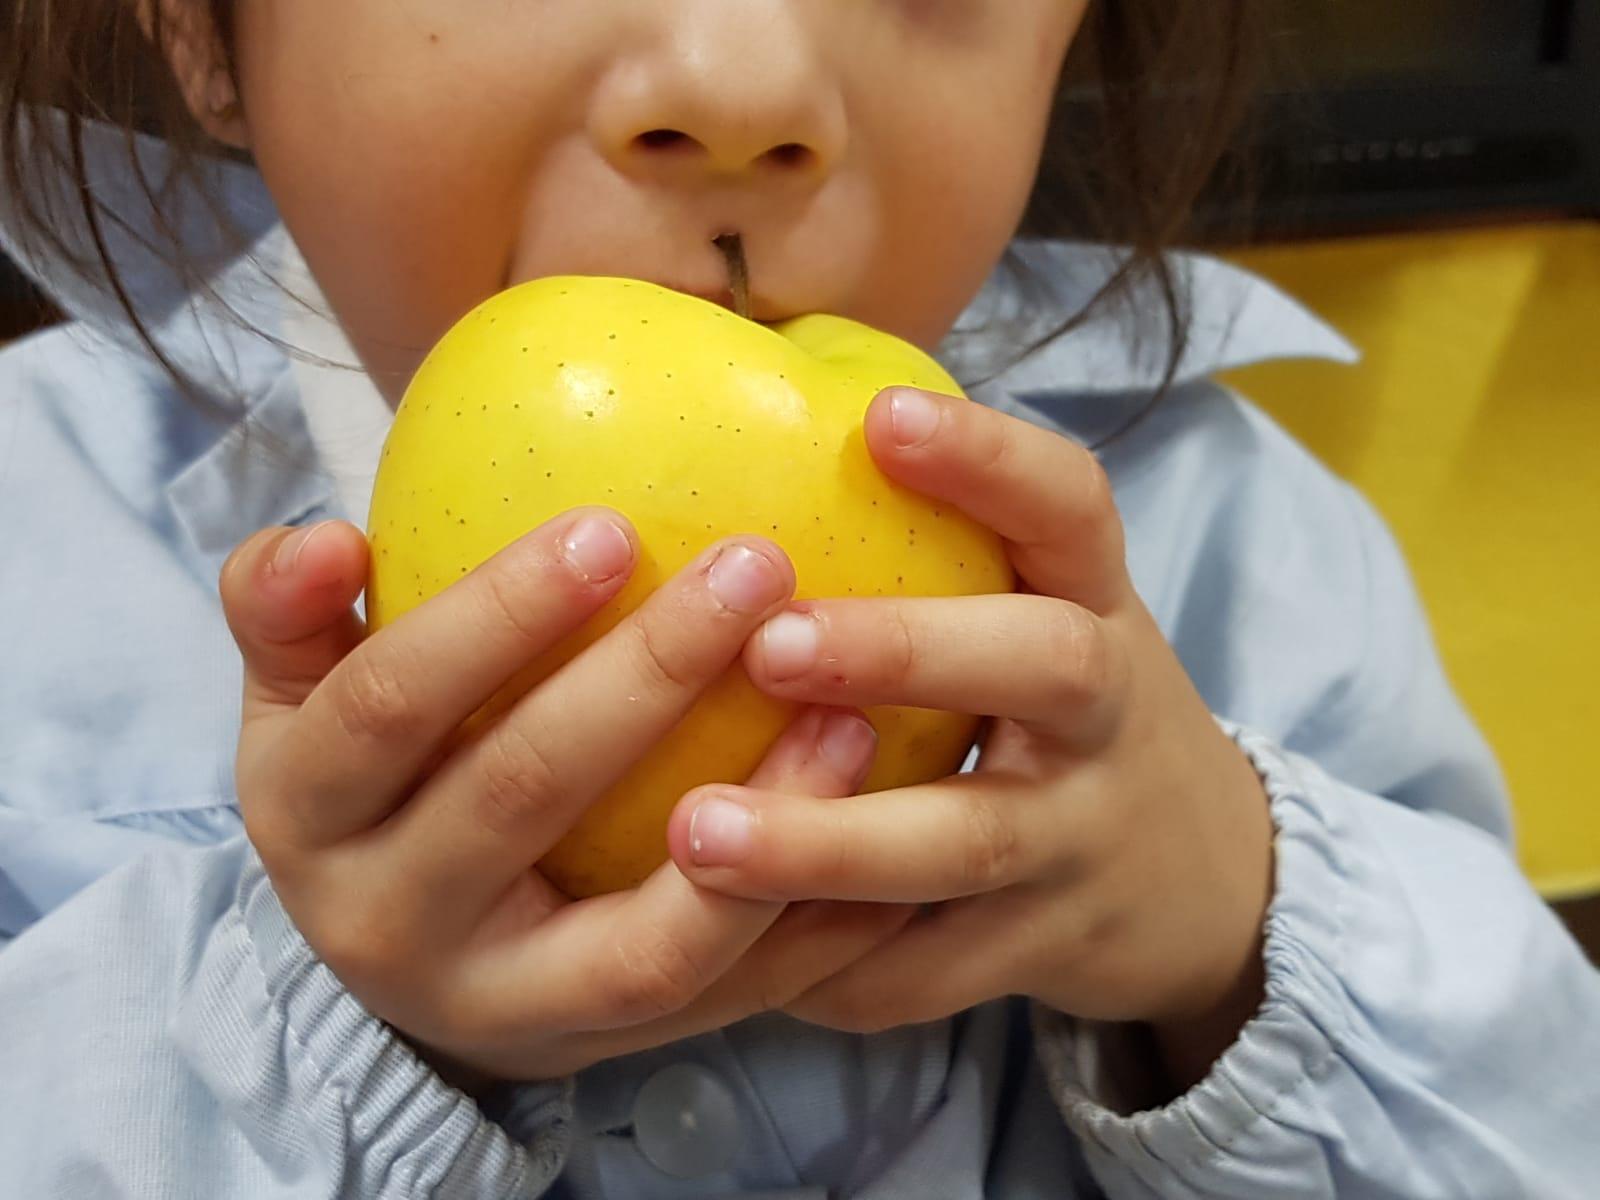 Educació Infantil. Hospitalet. Sant Josep Obrer. Fruits de la tardor (26)